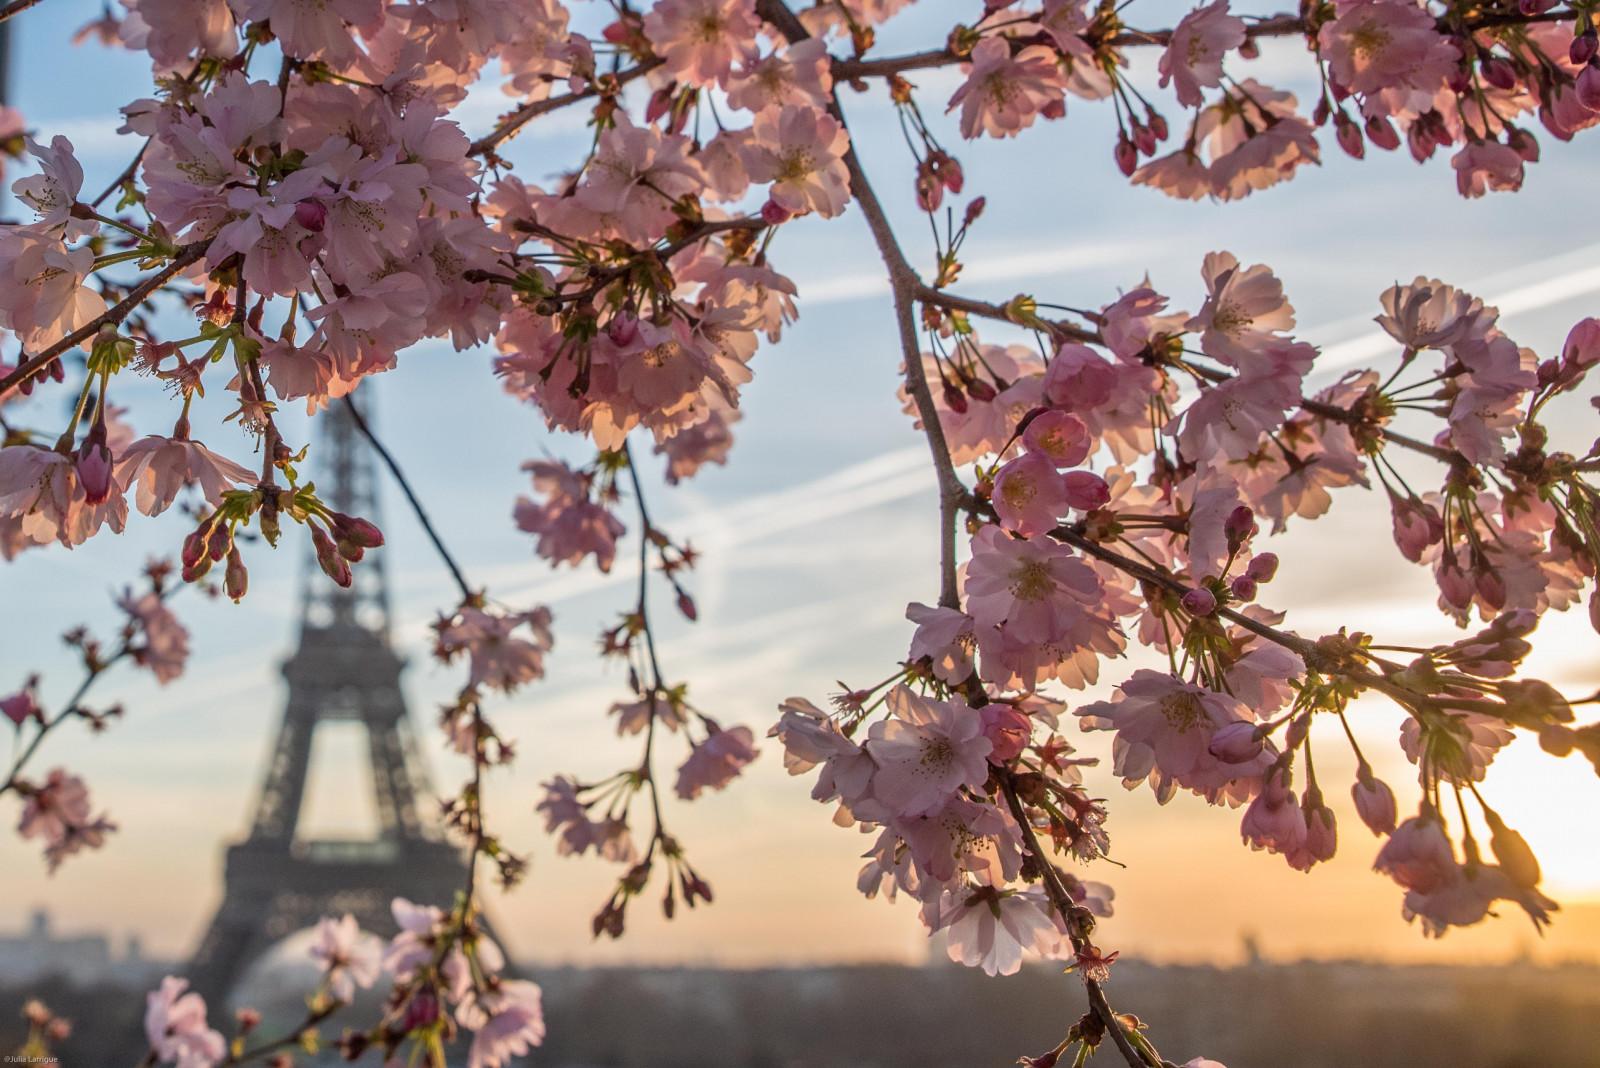 fond d'écran : rose, branche, printemps, fleur de cerisier, arbre